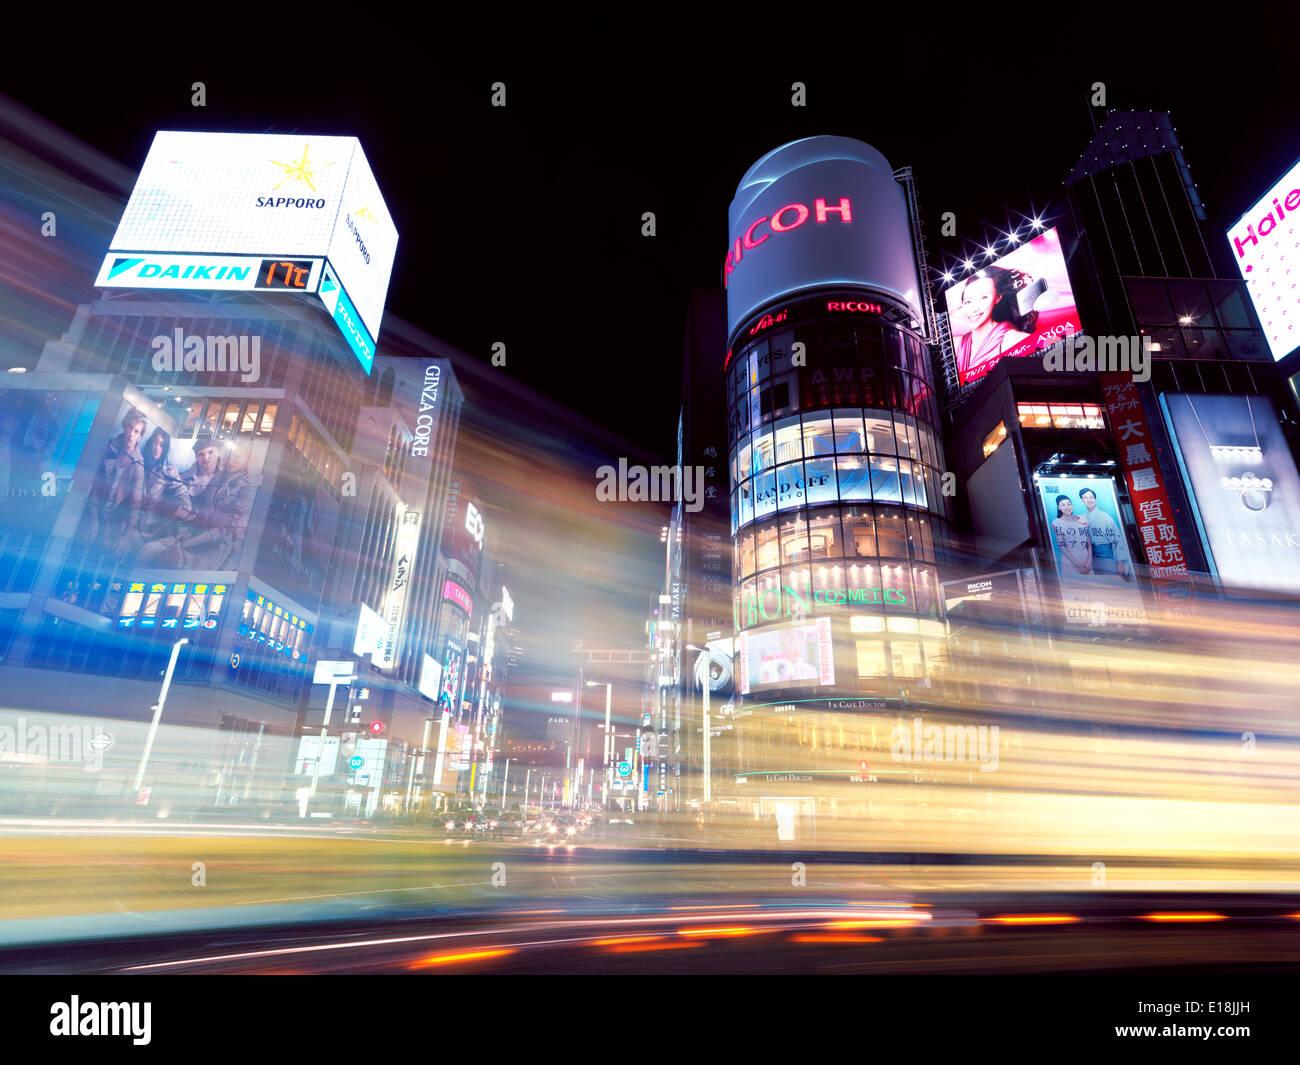 Ville colorée des sentiers de feux de circulation à l'intersection de Harumi Dori Dori et Chou paysage de nuit. Ginza, Tokyo, Japon 2014. Photo Stock